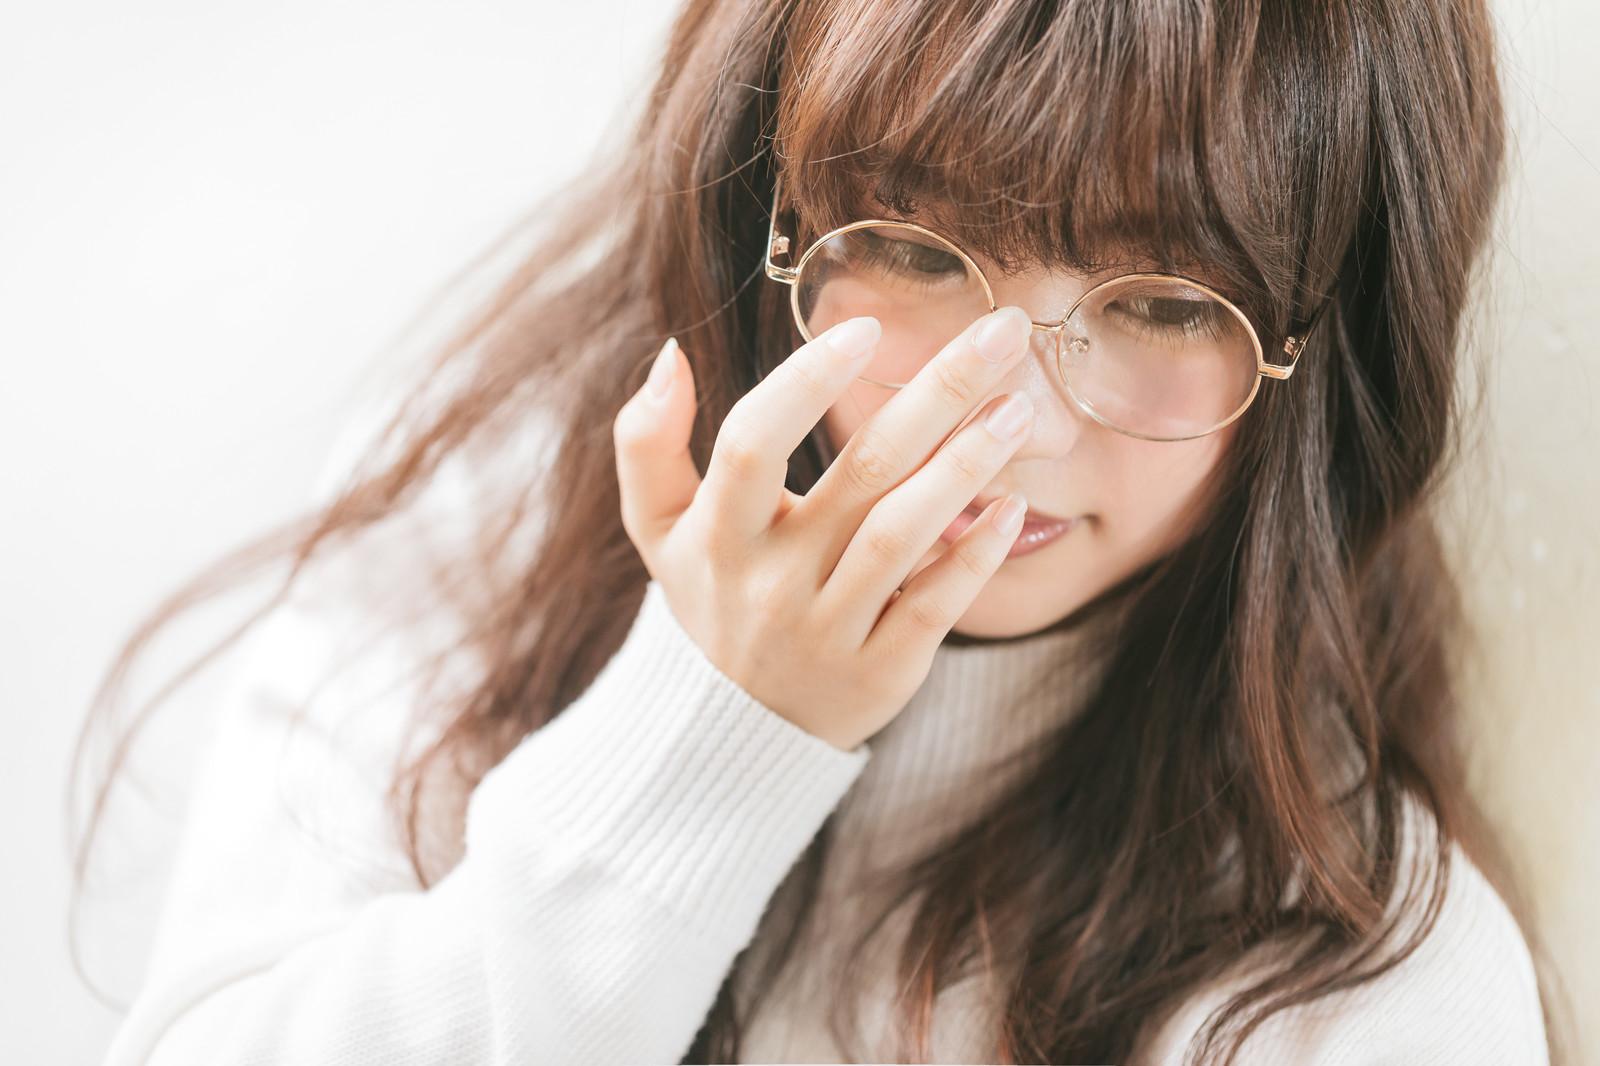 メガネをくいってしている女性